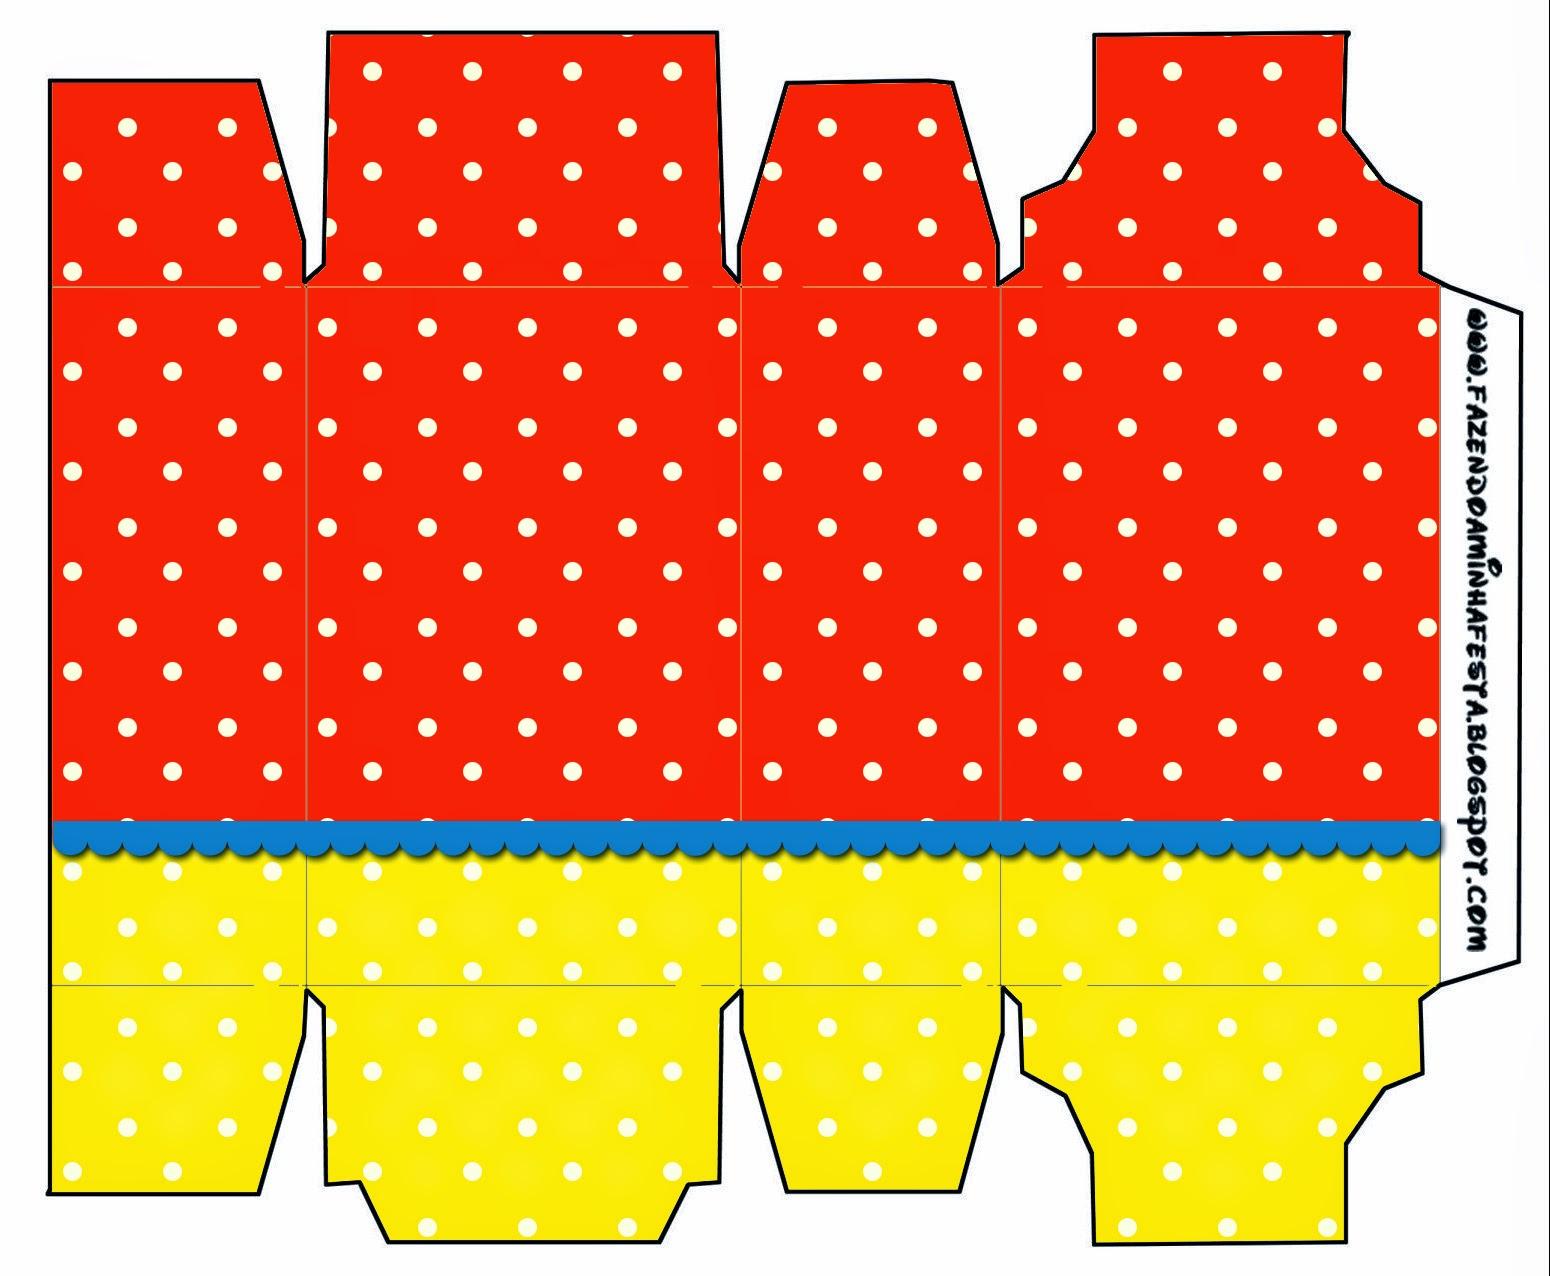 Cajas para Imprimir Gratis de Rojo, Amarillo y Lunares Blancos.